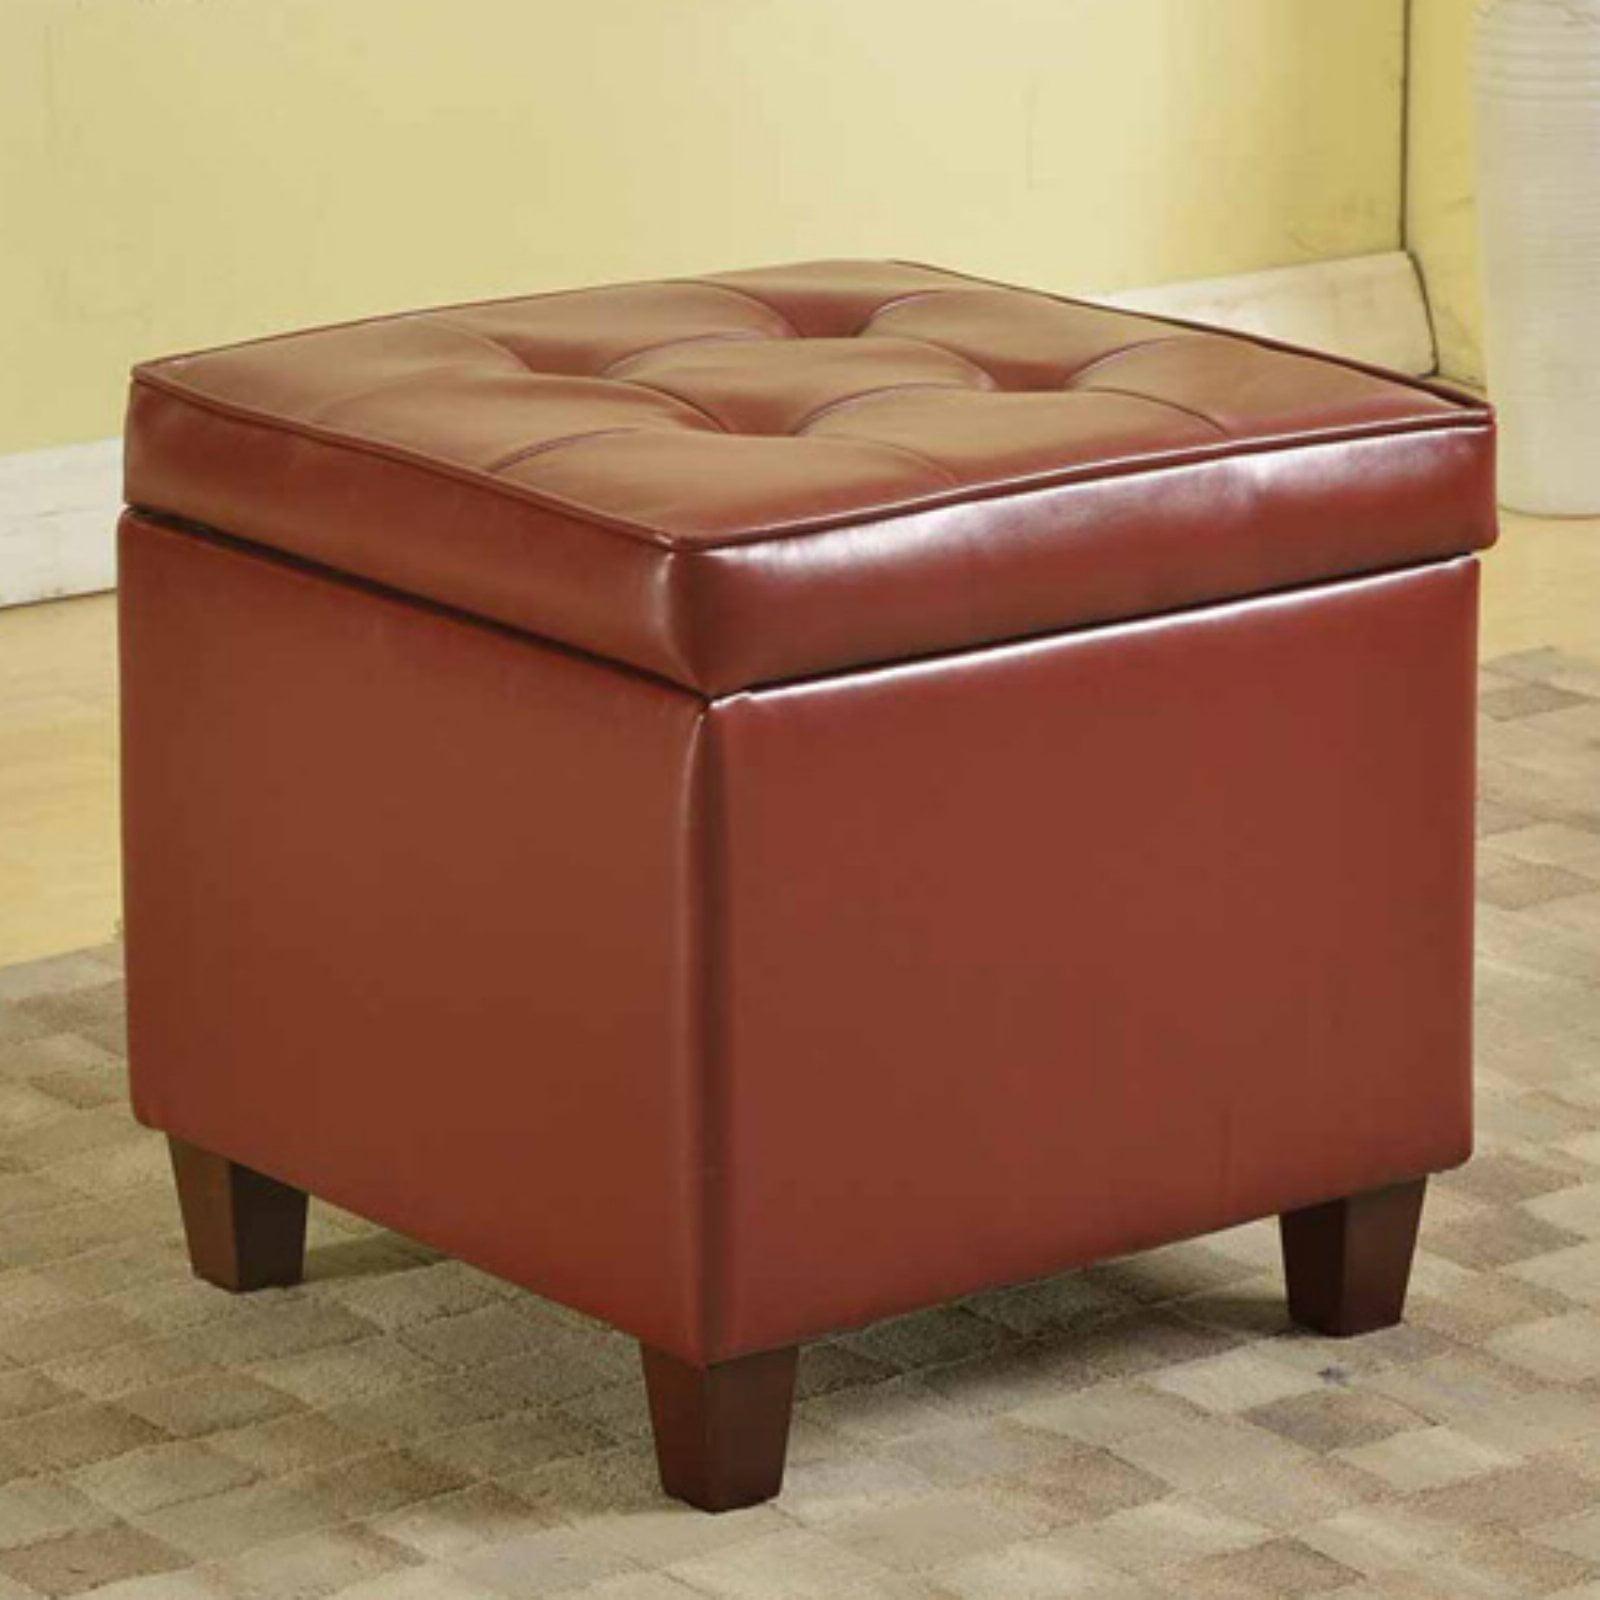 Kinfine USA Square Tufted Leatherette Storage Ottoman by Kinfine USA Inc